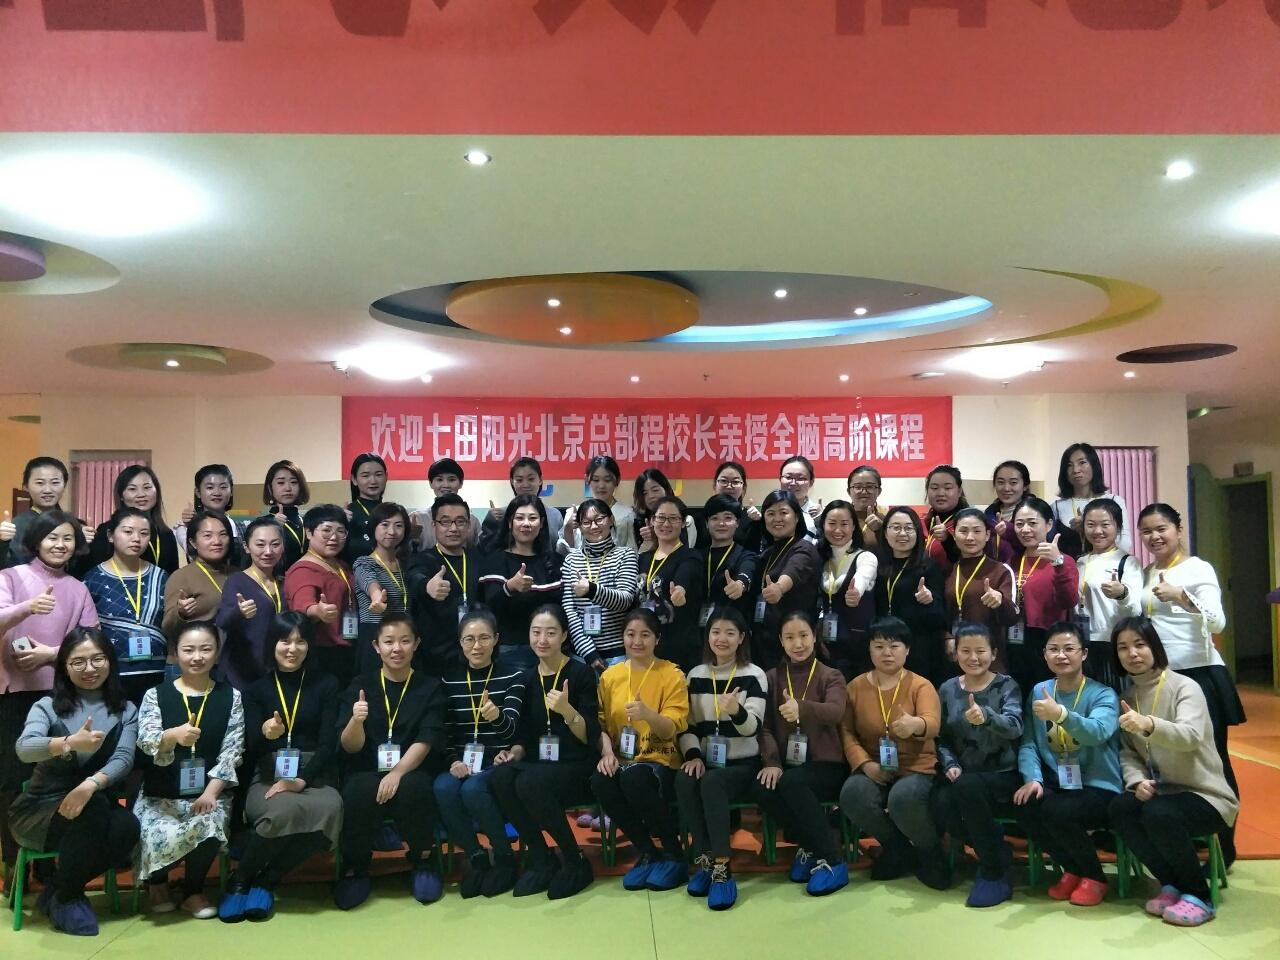 易胜博官方网站阳光易胜博备用网教育高阶班~兰州站开课啦!